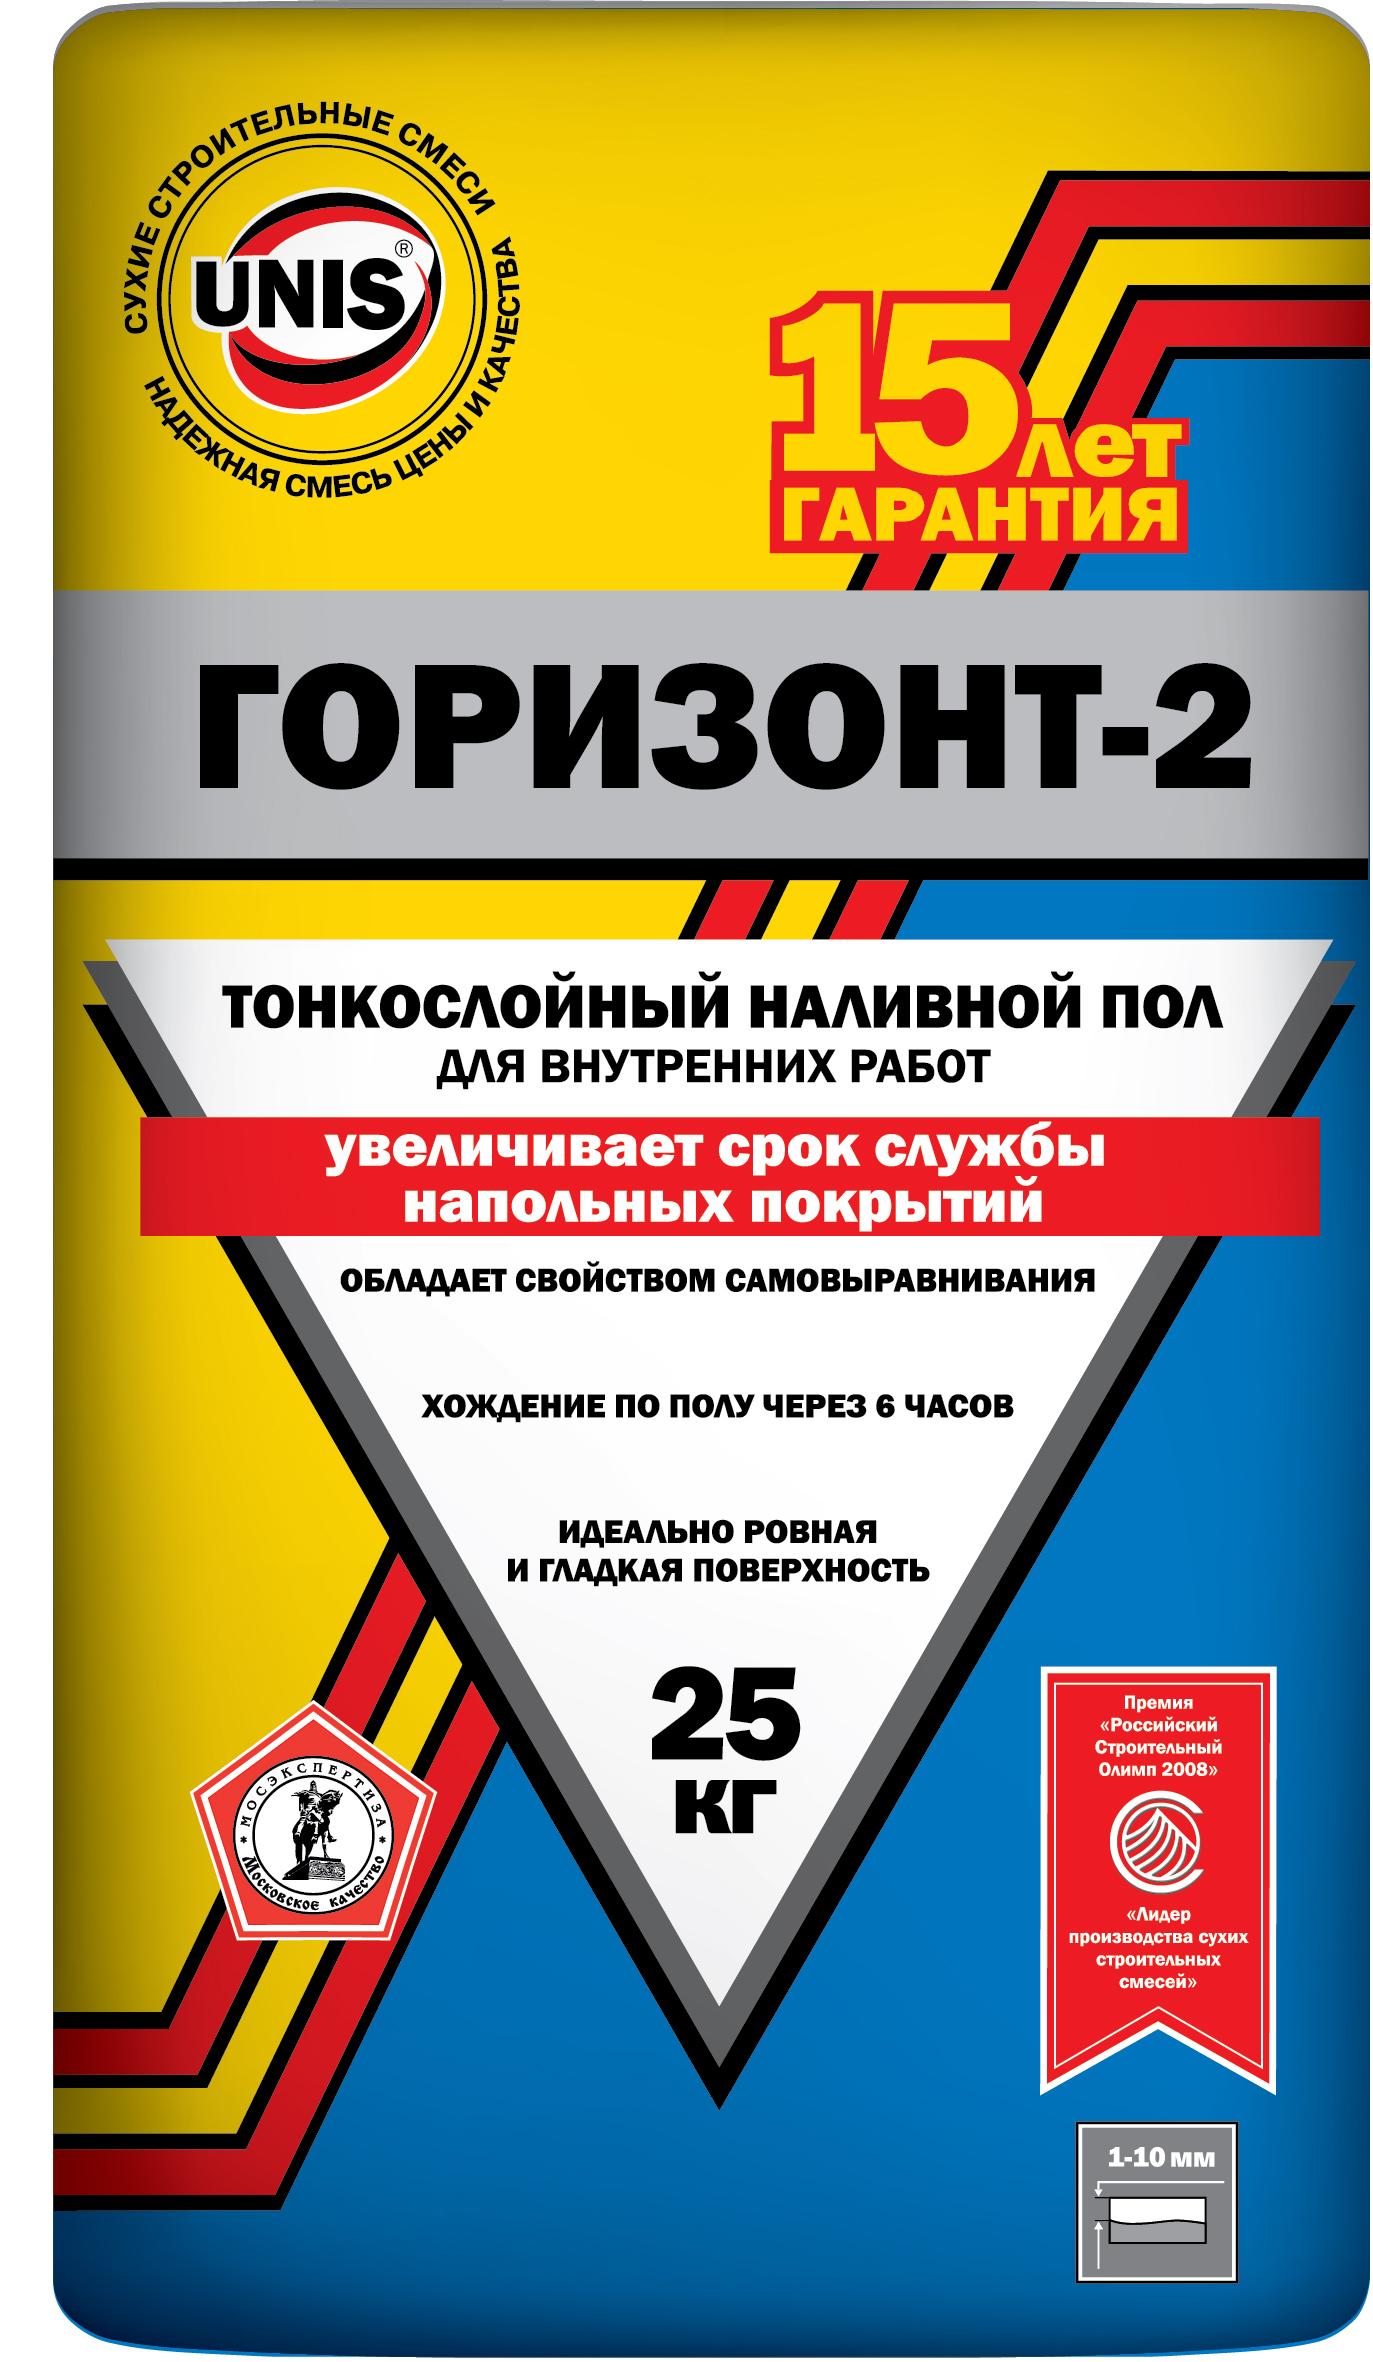 Купить Наливной пол финишный Unis Горизонт-2, 25 кг — Фото №1